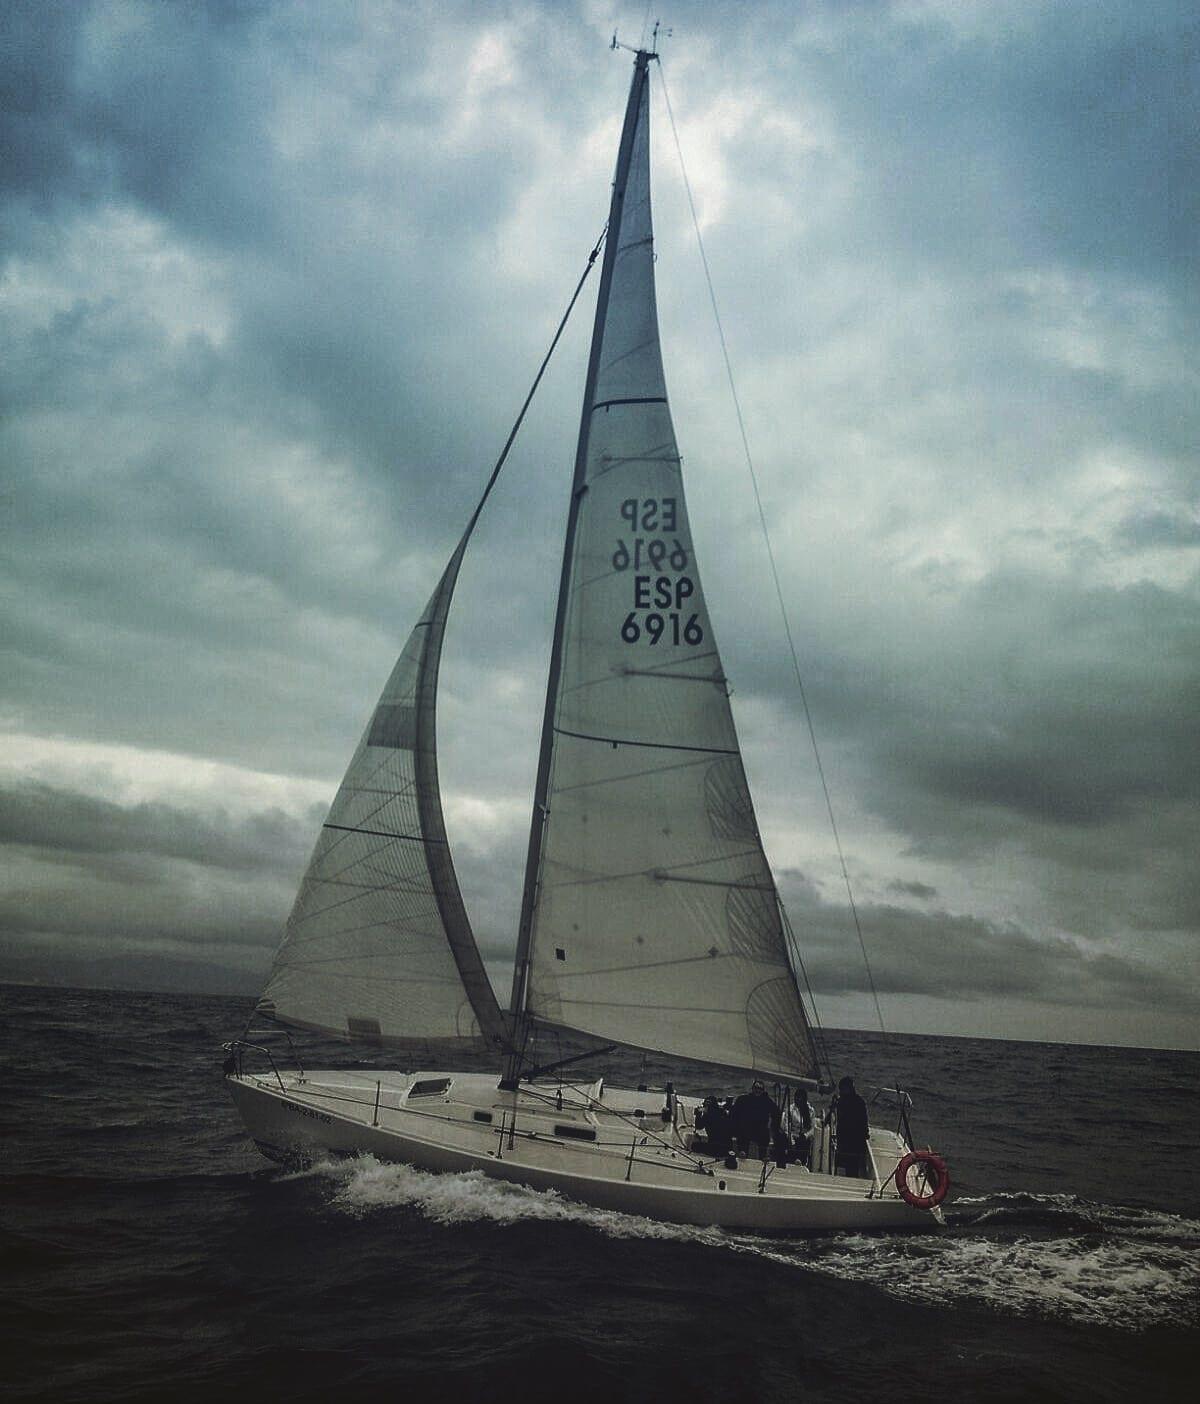 Wharf Raft Club Neptuno